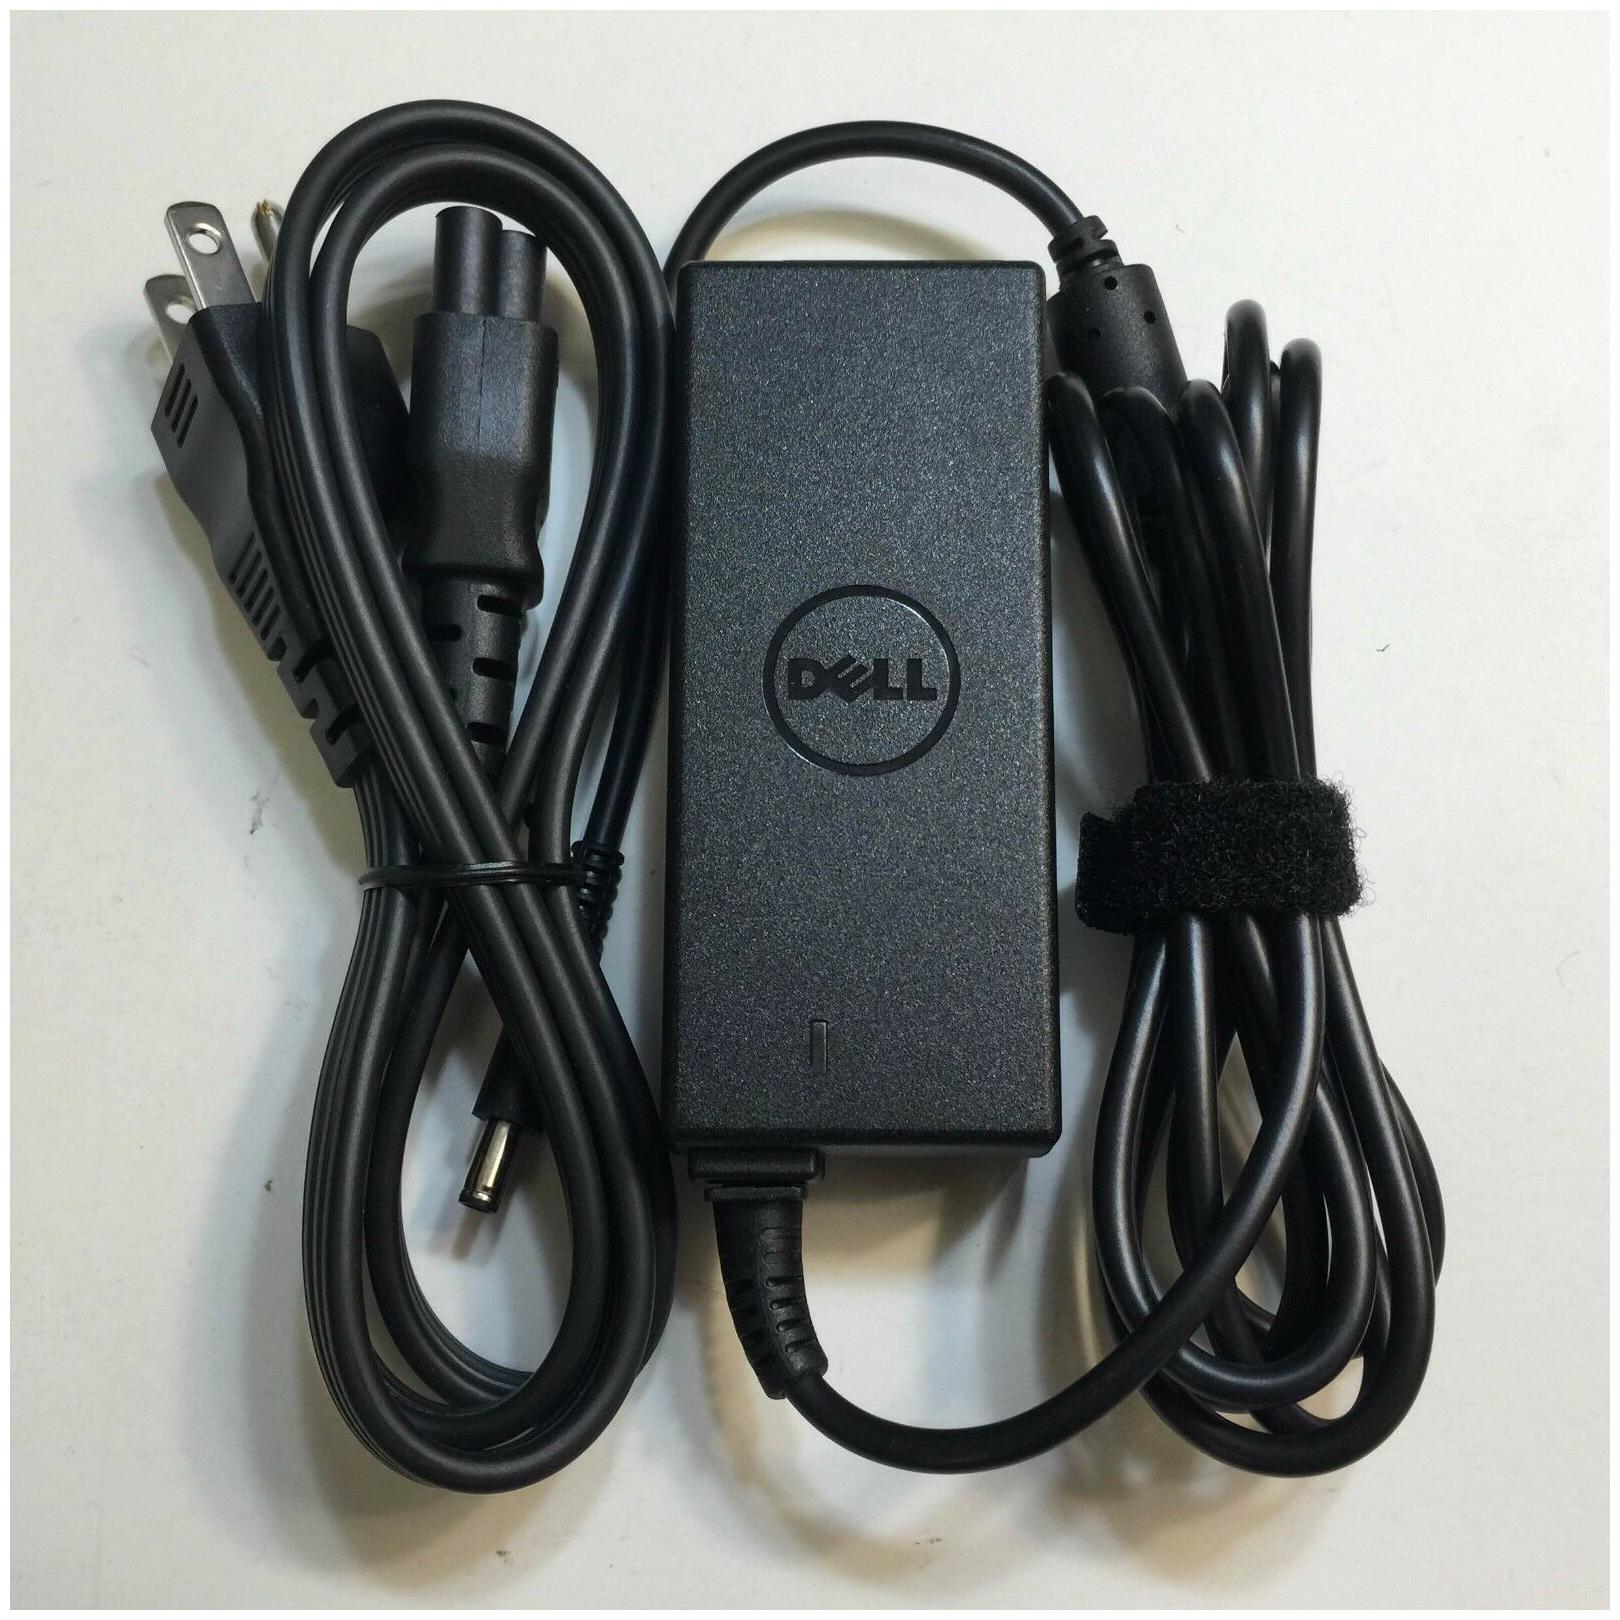 Genuine Brand New Dell 45W AC Adapter For Dell Latitude 13 3379 7350